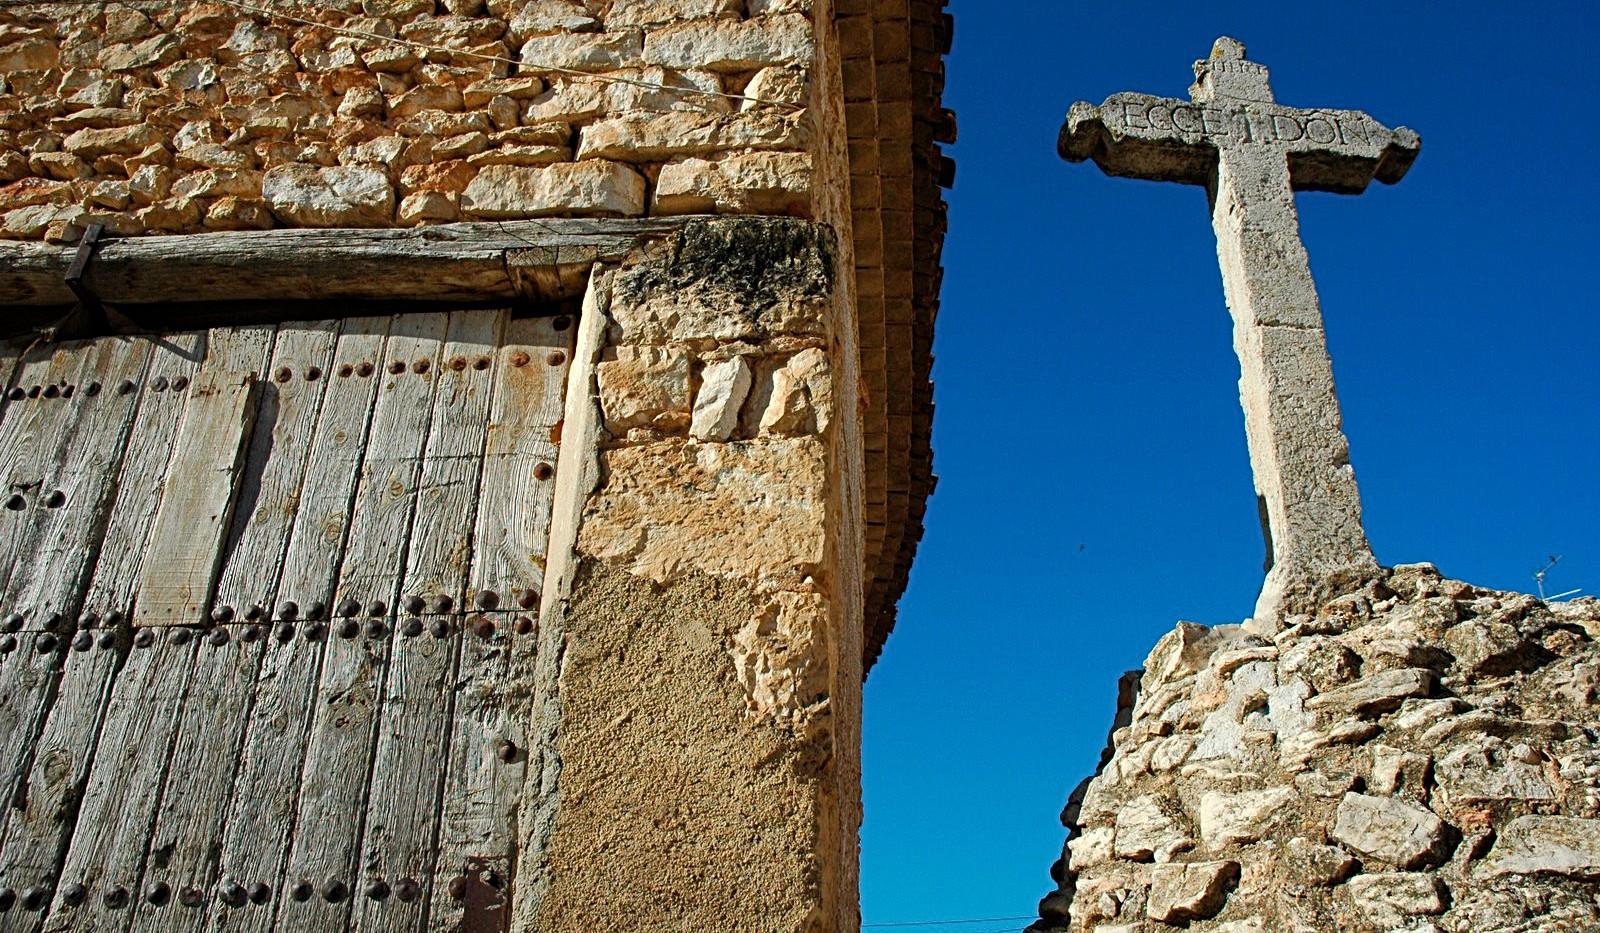 Simbologia religiosa rural / Rural Religious Symbology